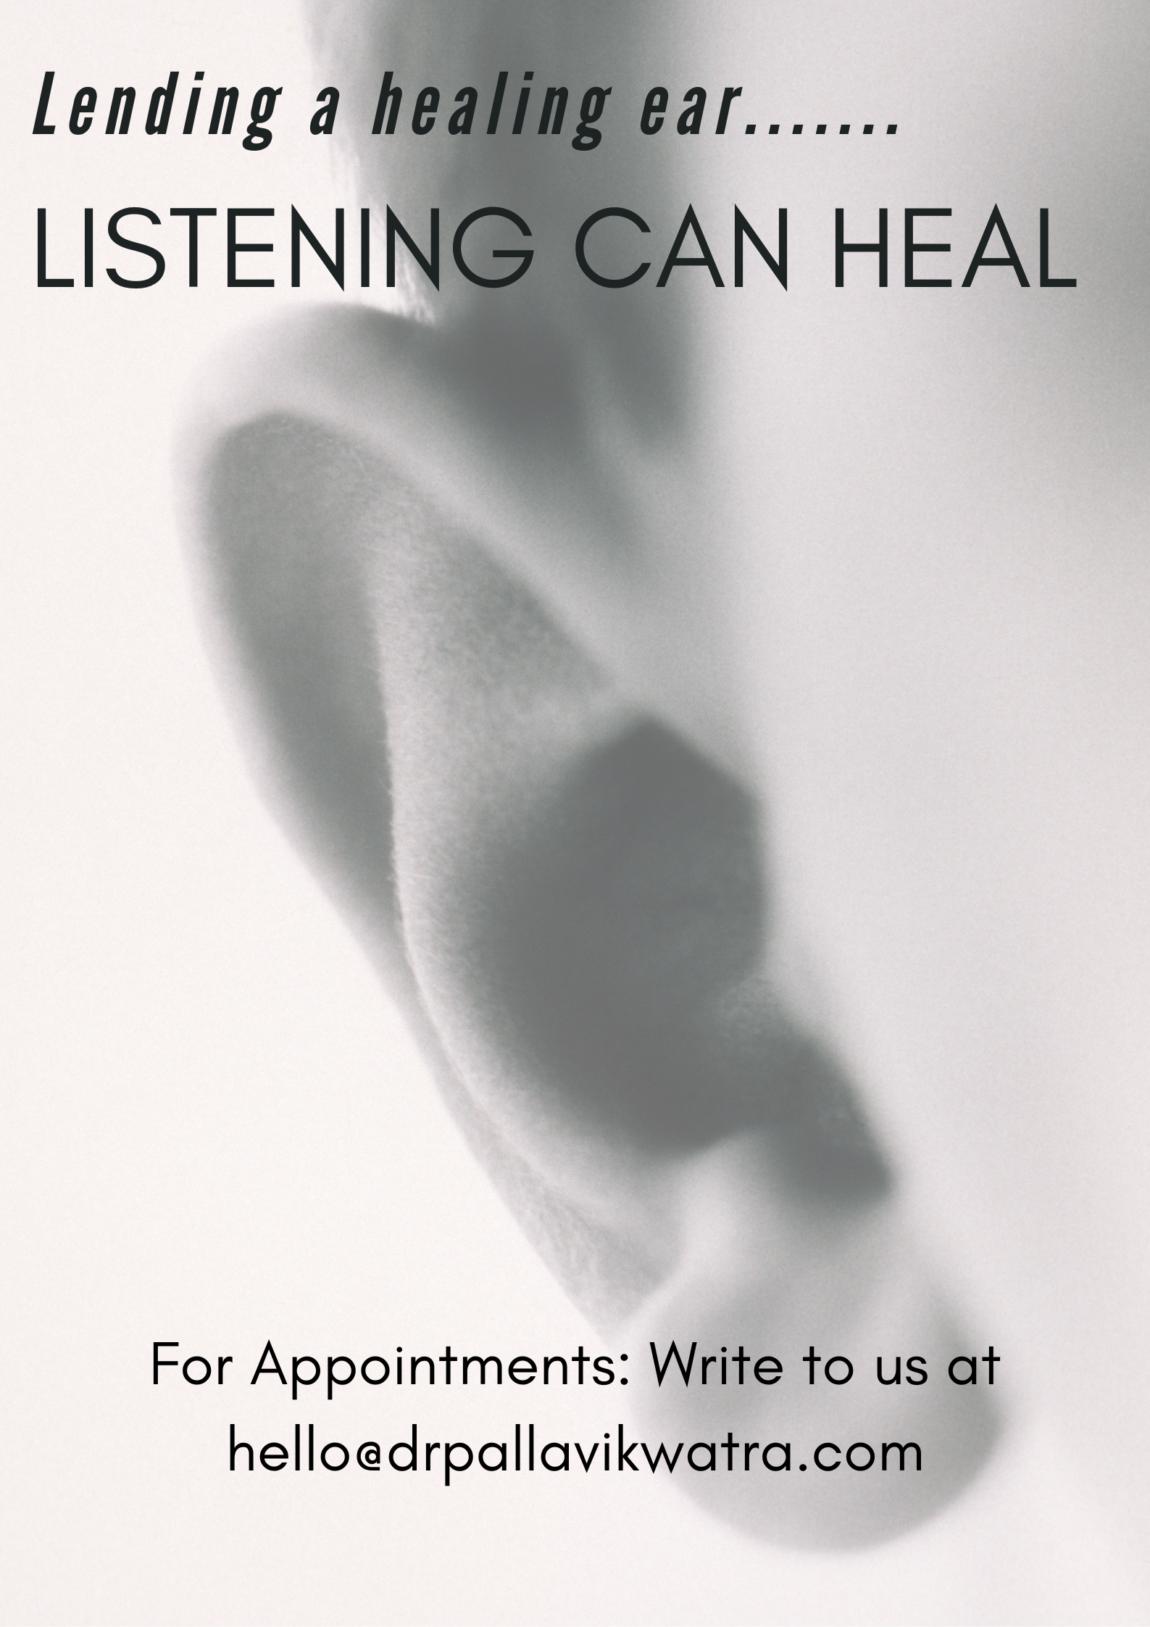 Lending-a-healing-ear........png